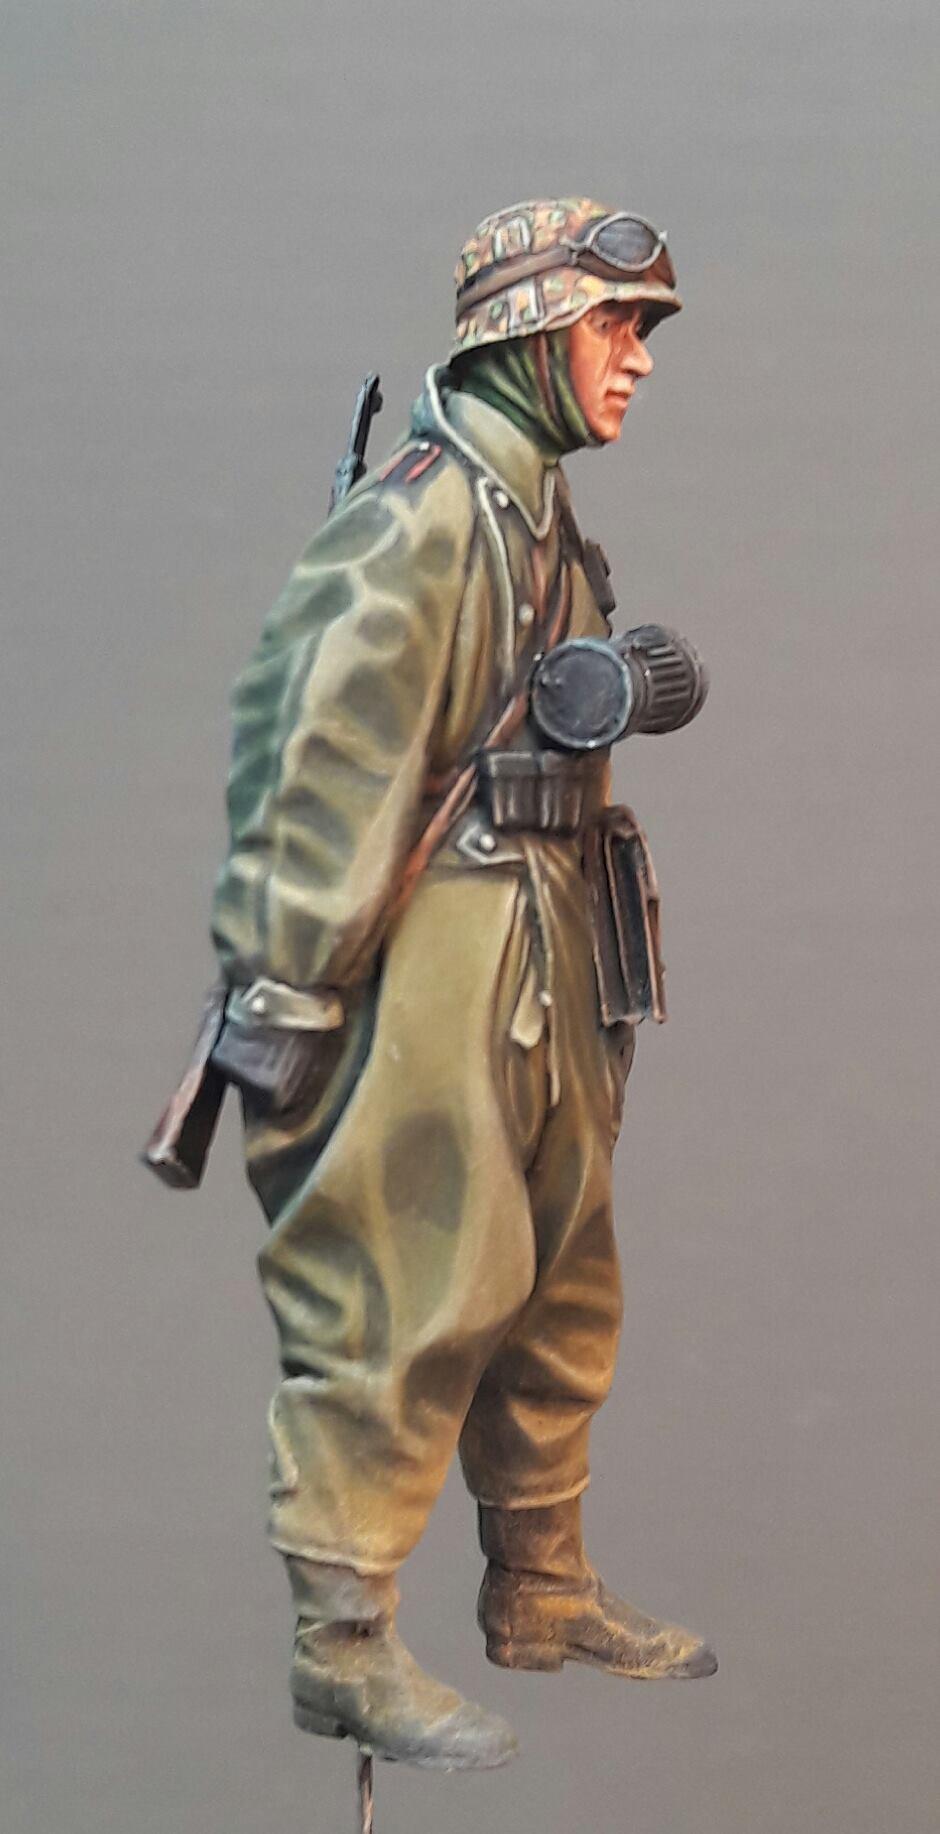 Zündapp KS750 - Sidecar - Great Wall Hobby + figurines Alpine - 1/35 - Page 3 366673198145031021172837849949640973015o